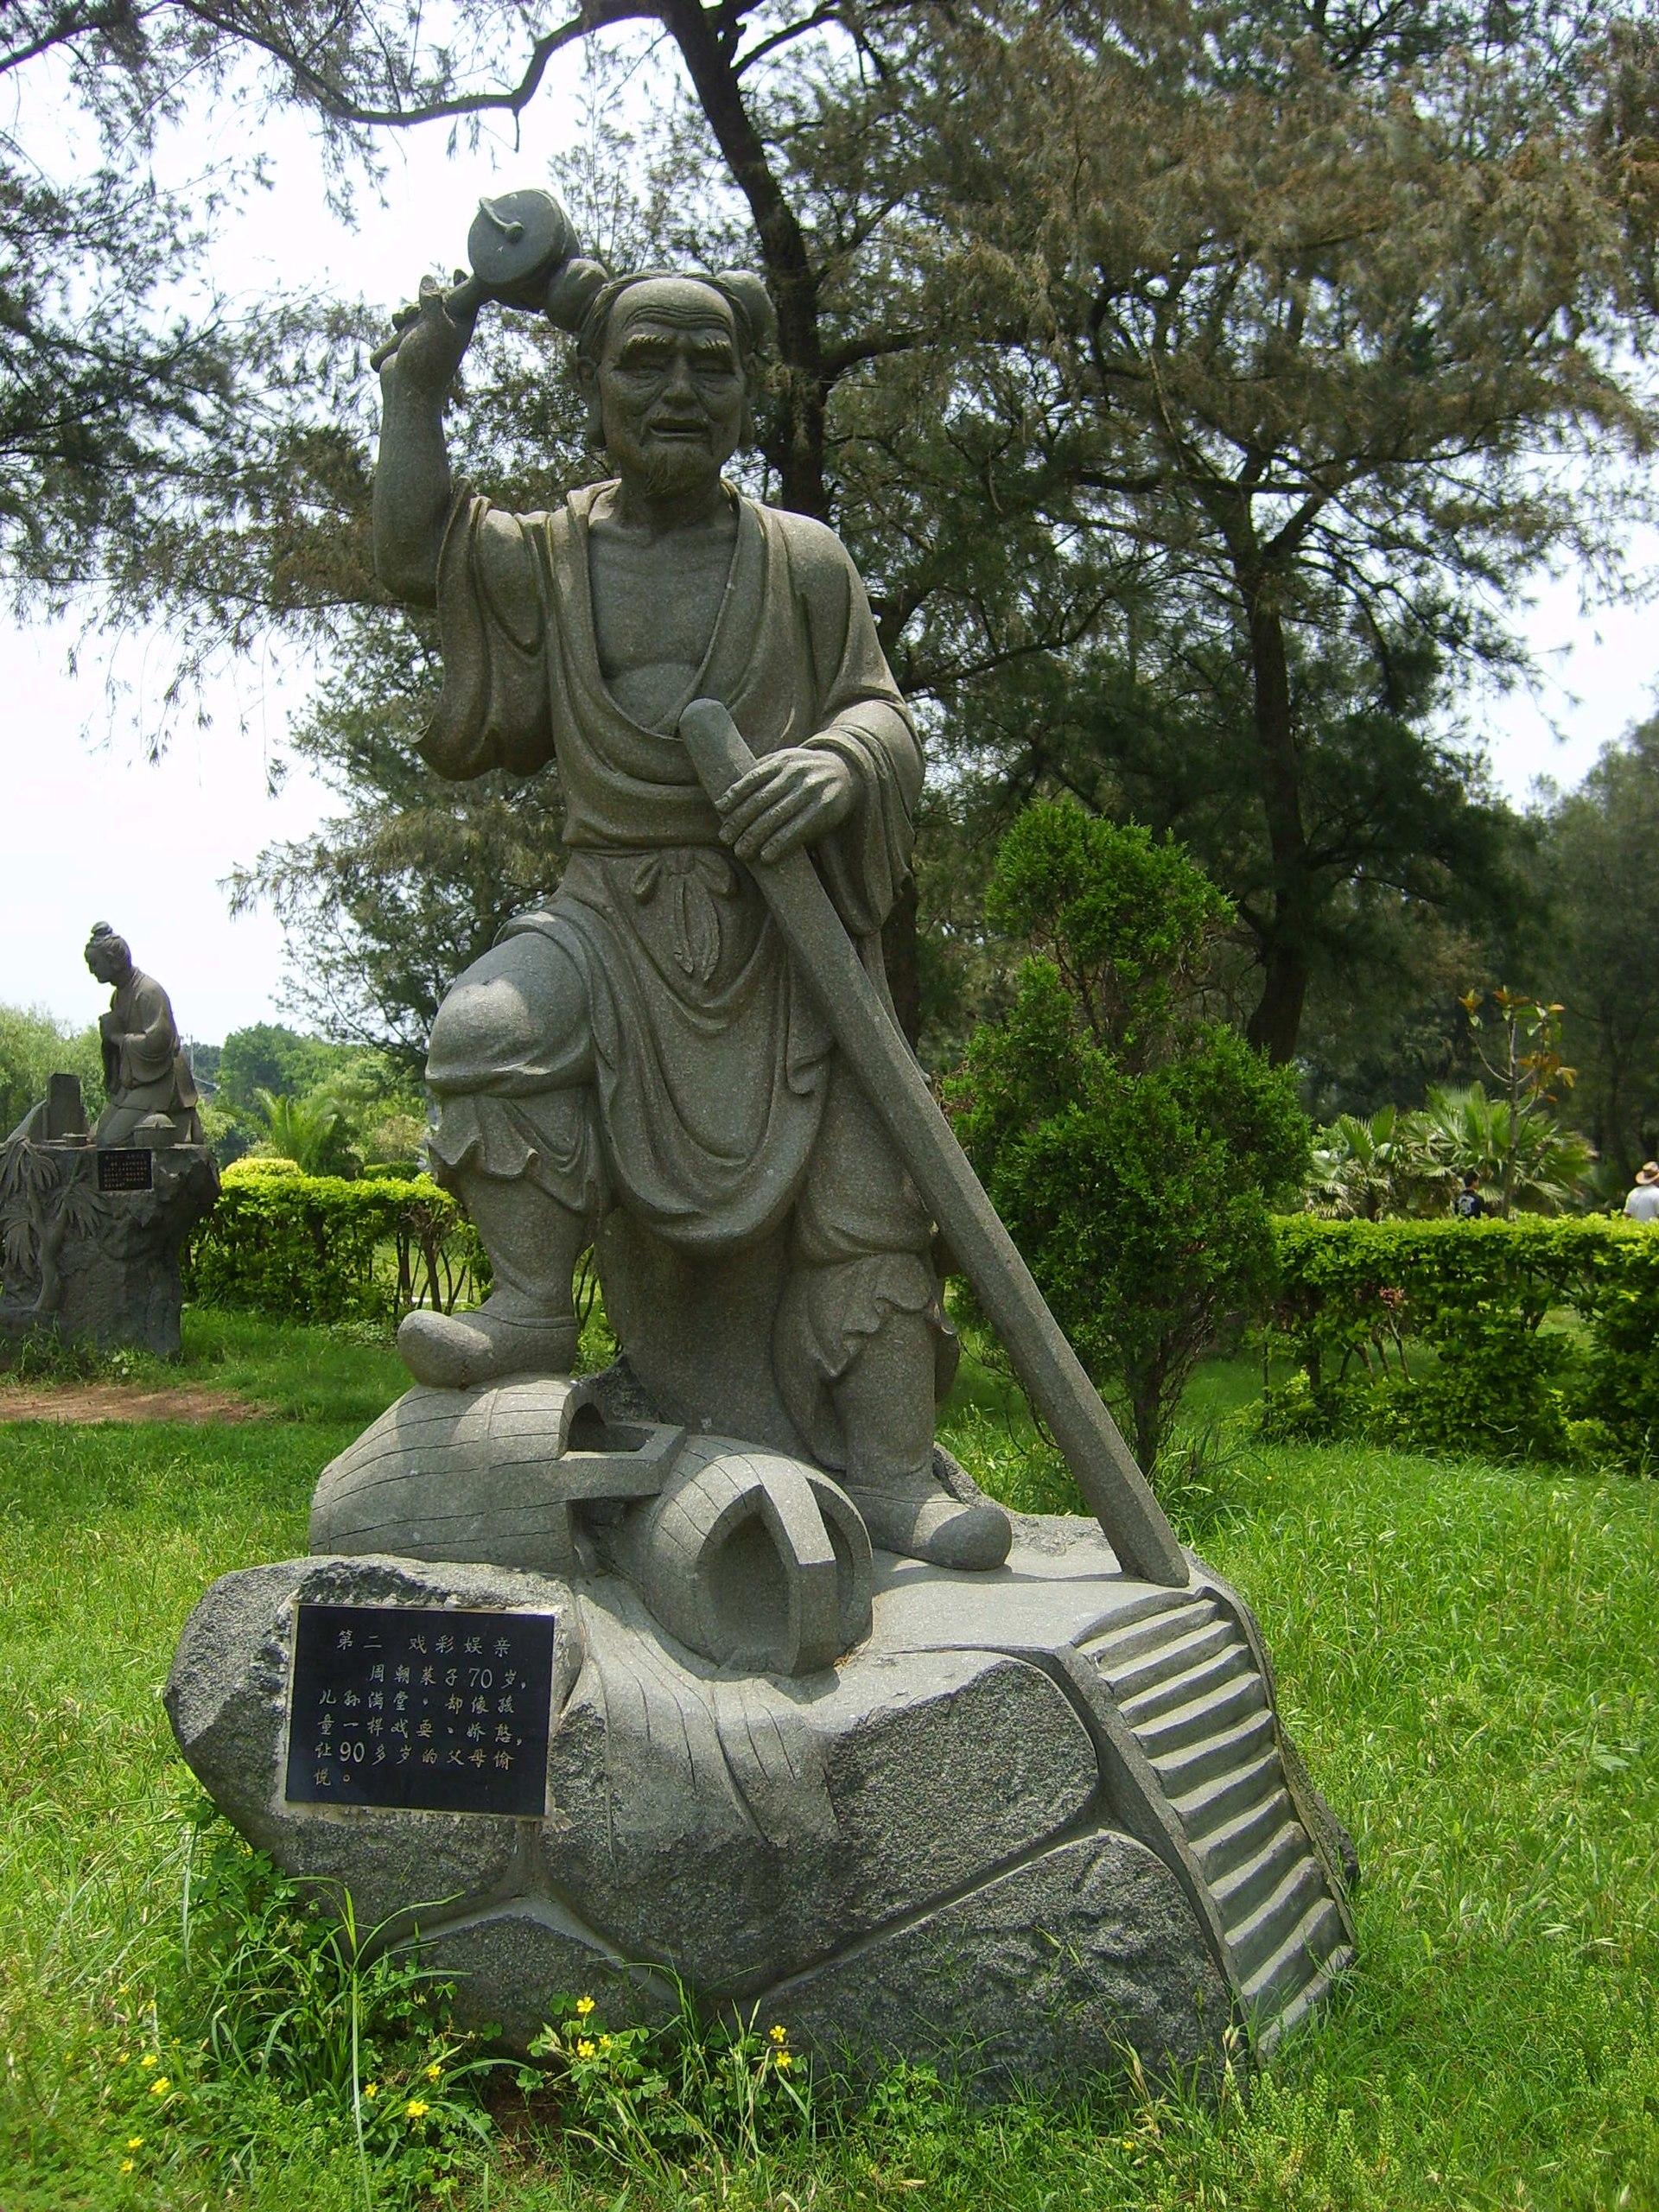 老萊子 - 維基百科,常言不稱老,言道家之用,很可能也是一個寓言,一是「或曰:老萊子亦楚人也,或為老子在歷史中 -華人百科